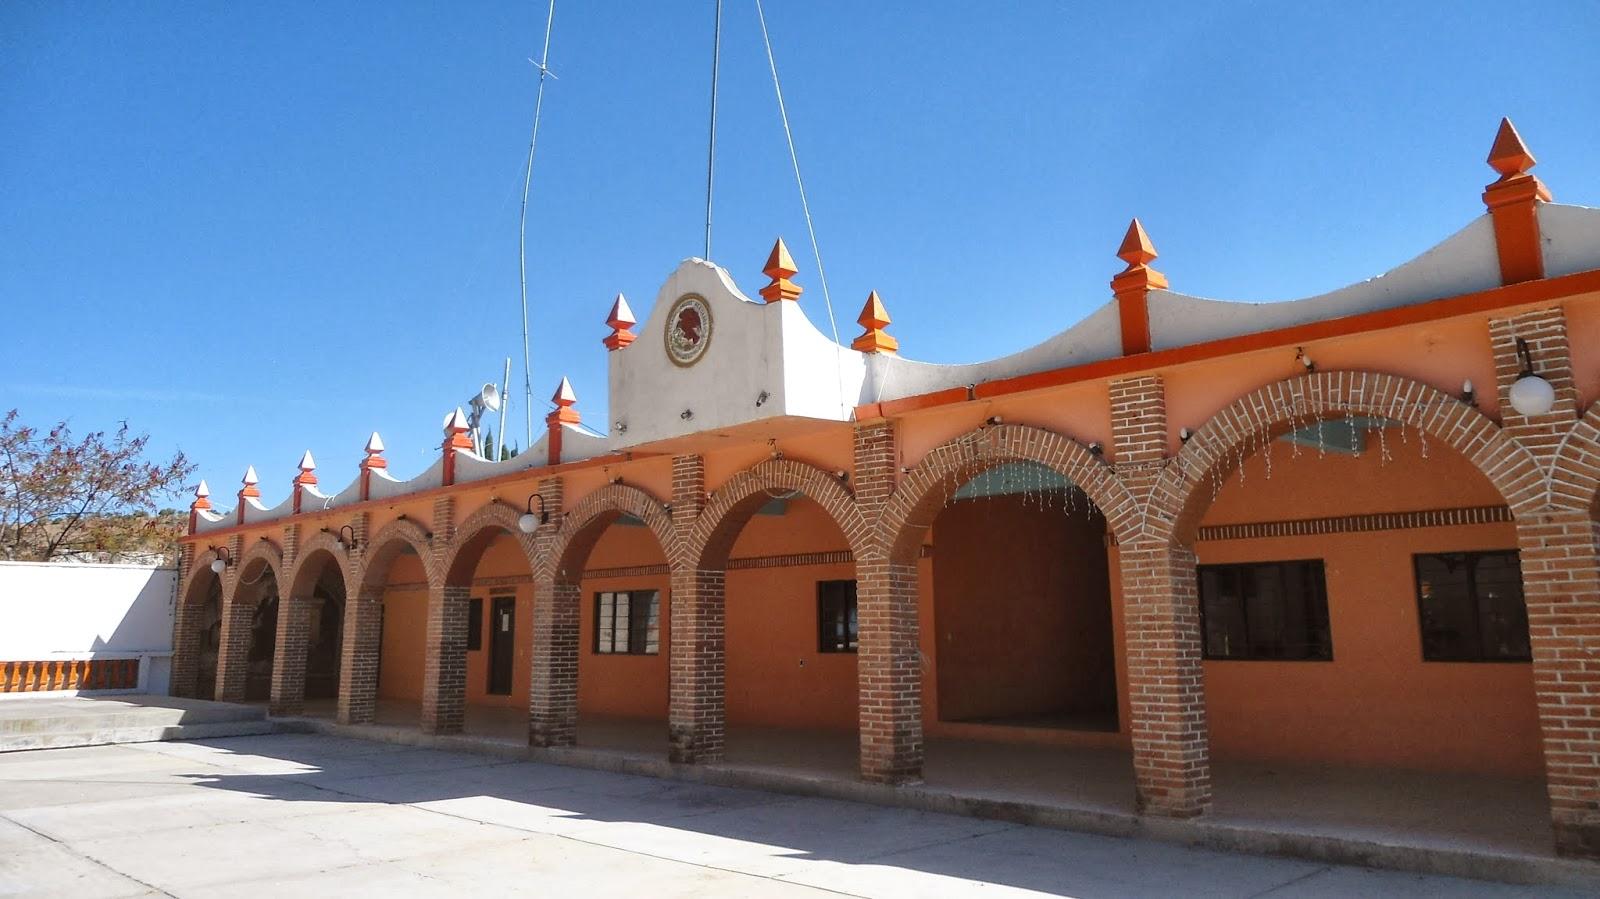 FERIA DE CHILA DE LAS FLORES, PUEBLA, 20 JC  - Fotos De Chila De Las Flores Puebla